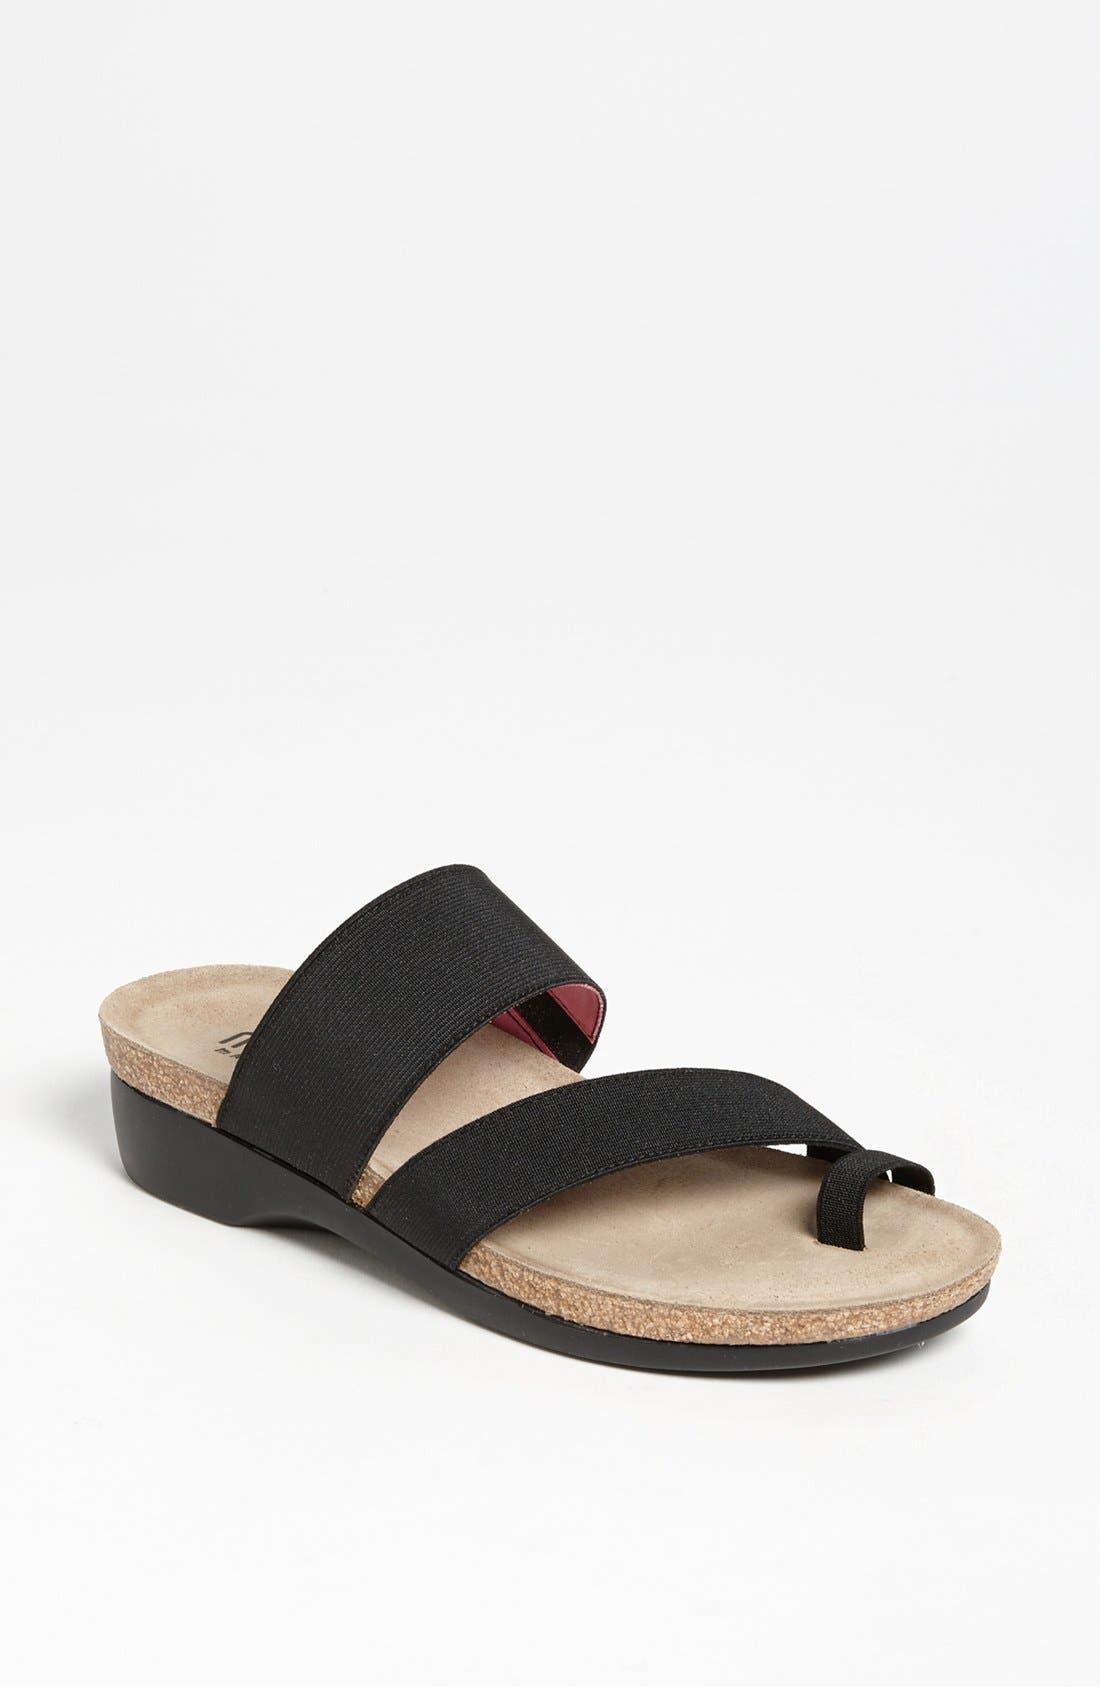 Alternate Image 1 Selected - Munro 'Aries' Sandal